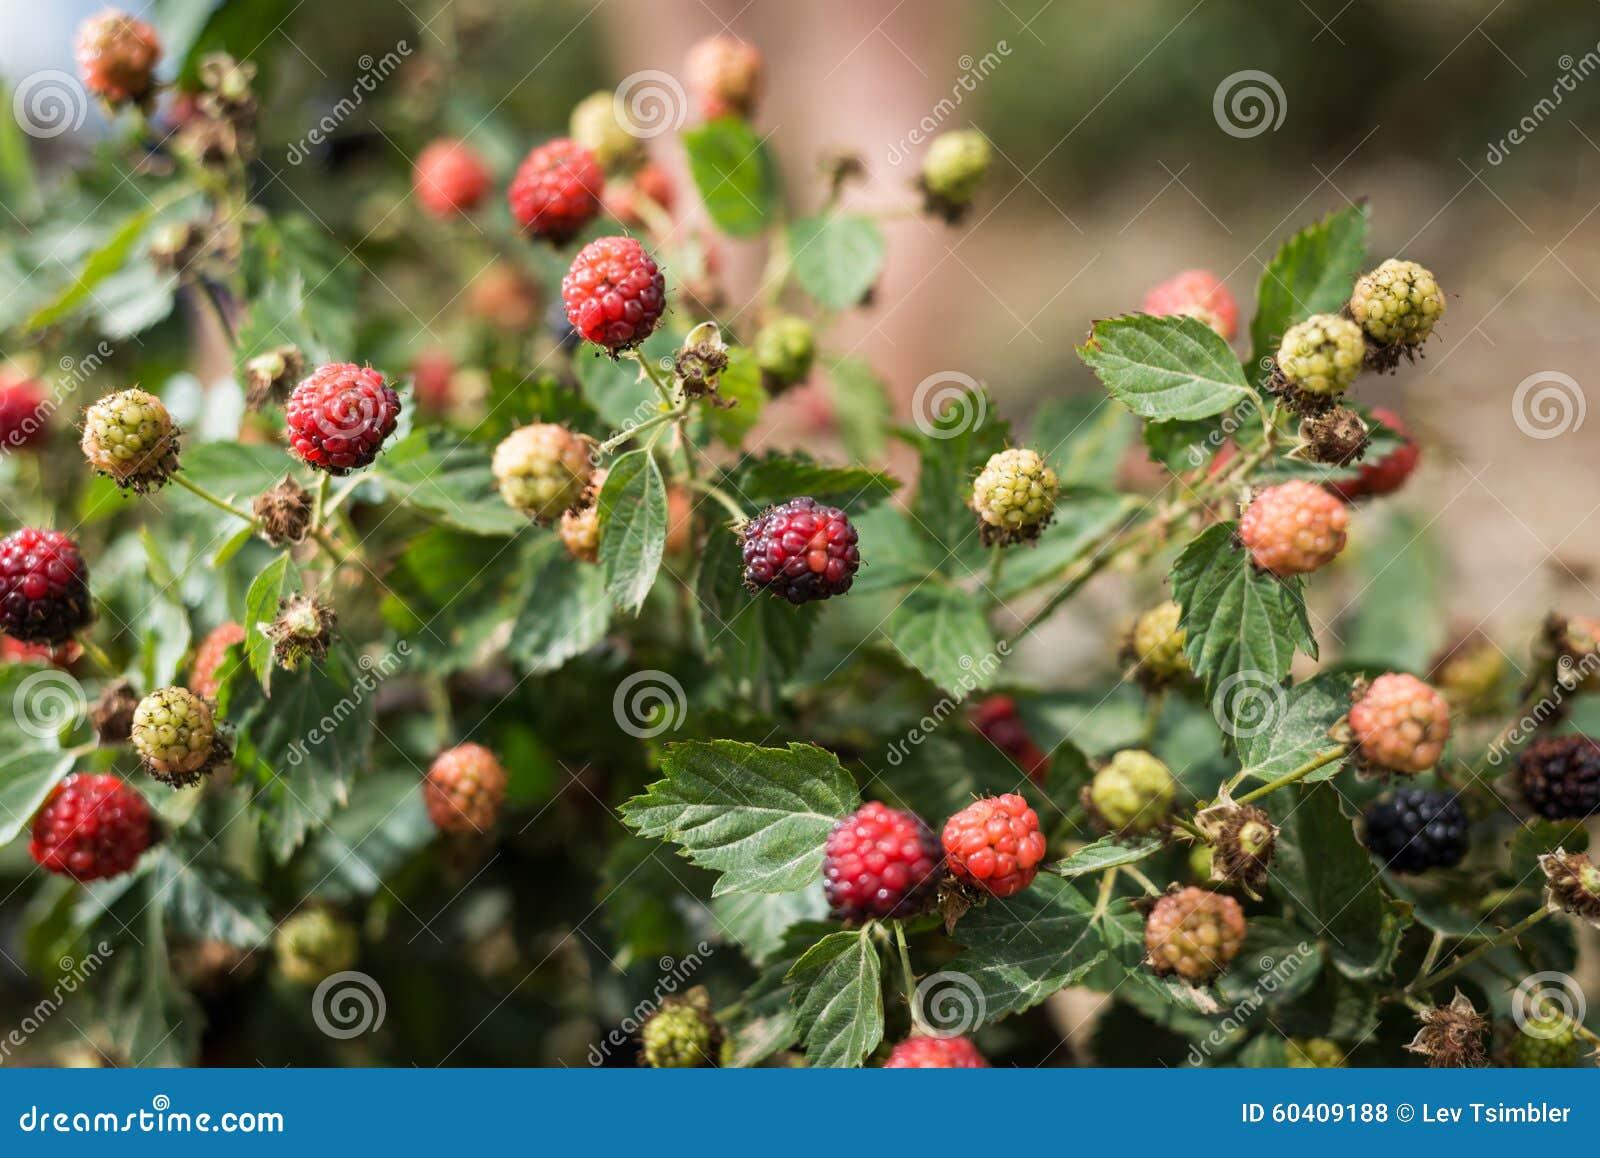 采摘在内盖夫加利利的伯利恒的莓